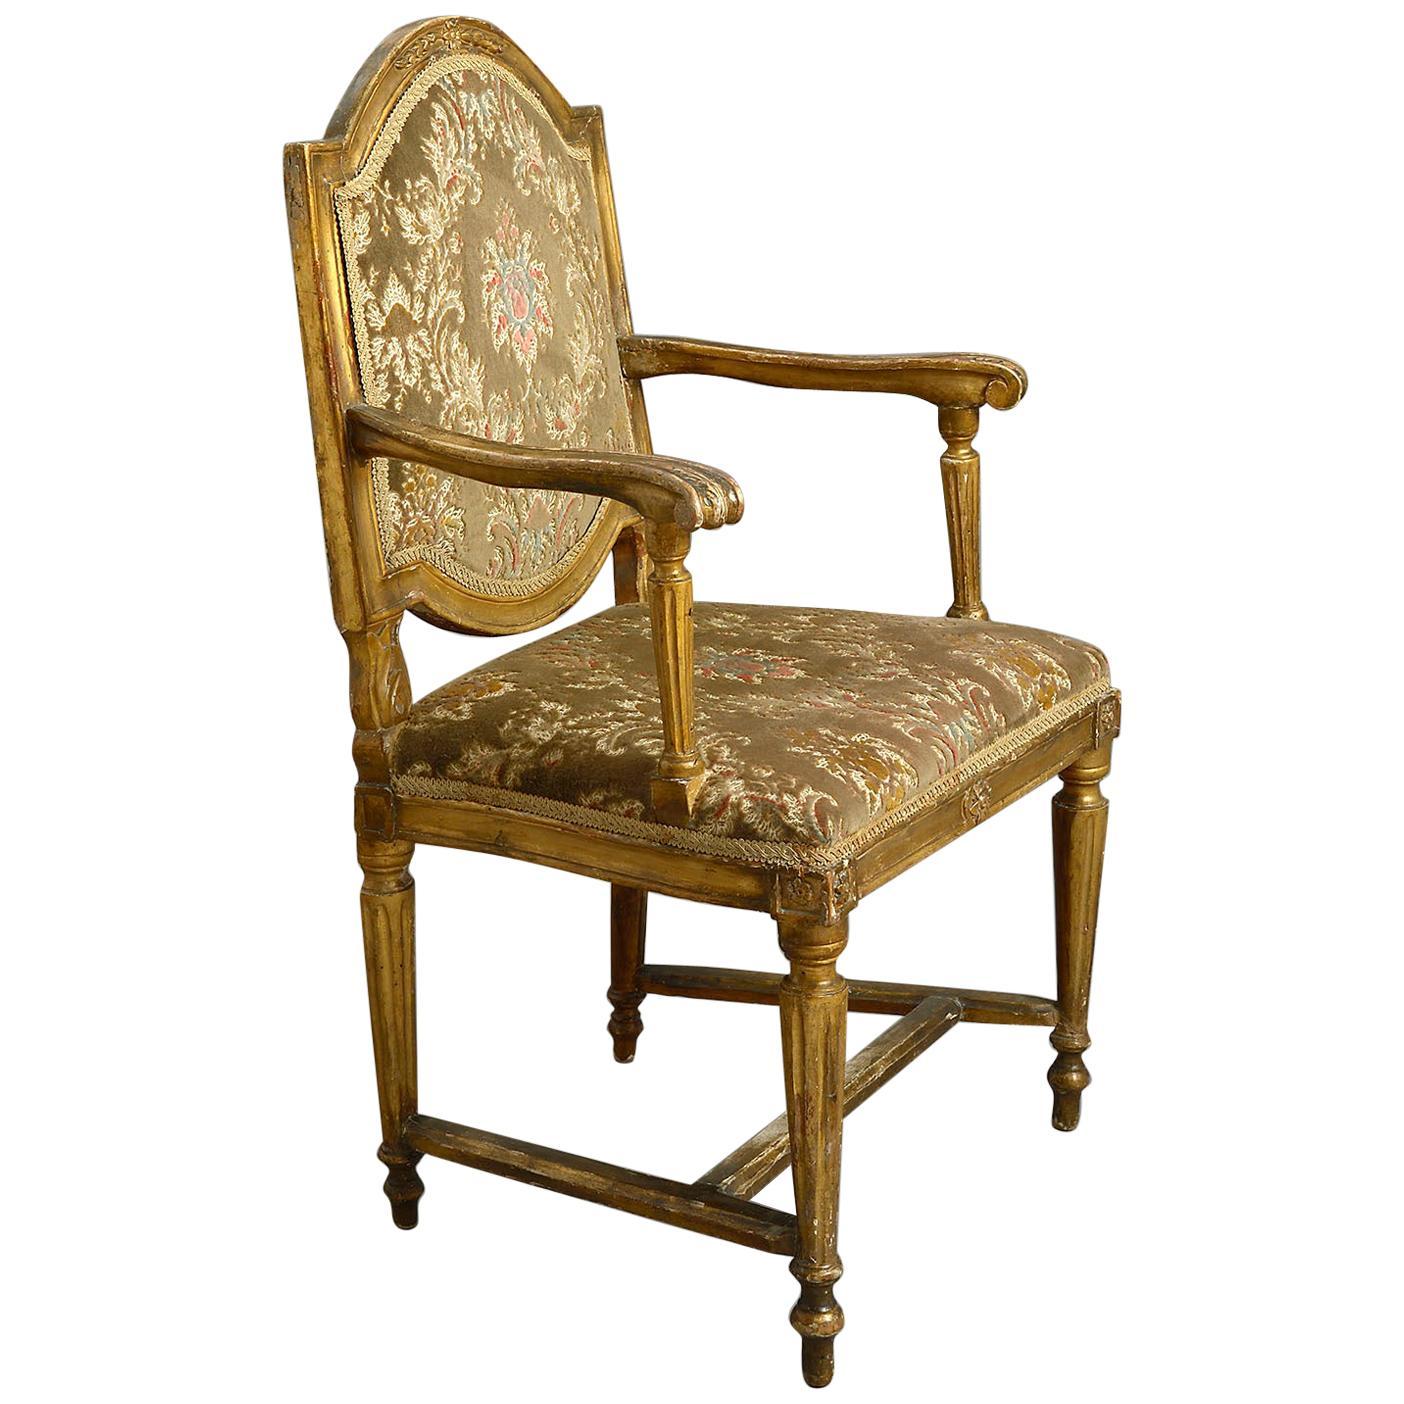 Late 18th Century Italian Giltwood Armchair